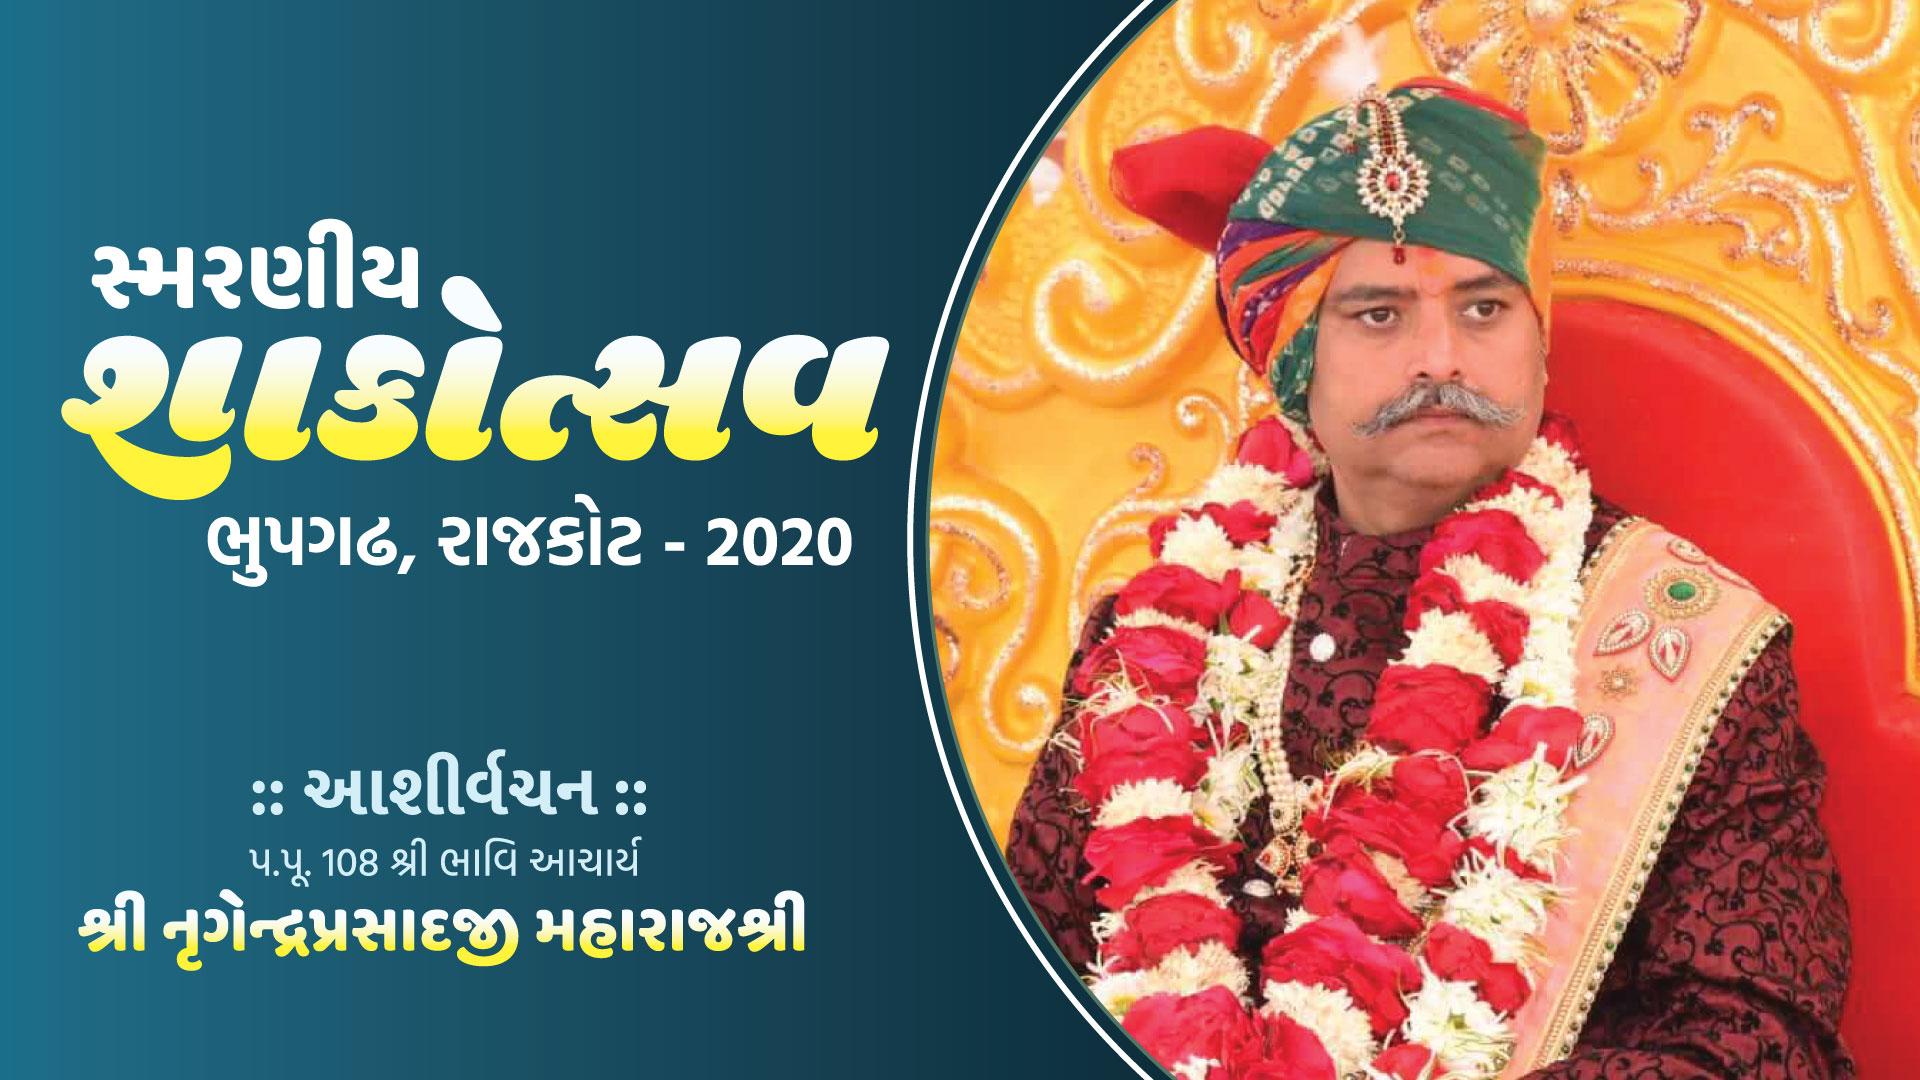 Smaraniya Shakotsav - Bhupgadh, Rajkot || H.H.Lalji Maharajshree - Vadtal @ 8th Feb 2020